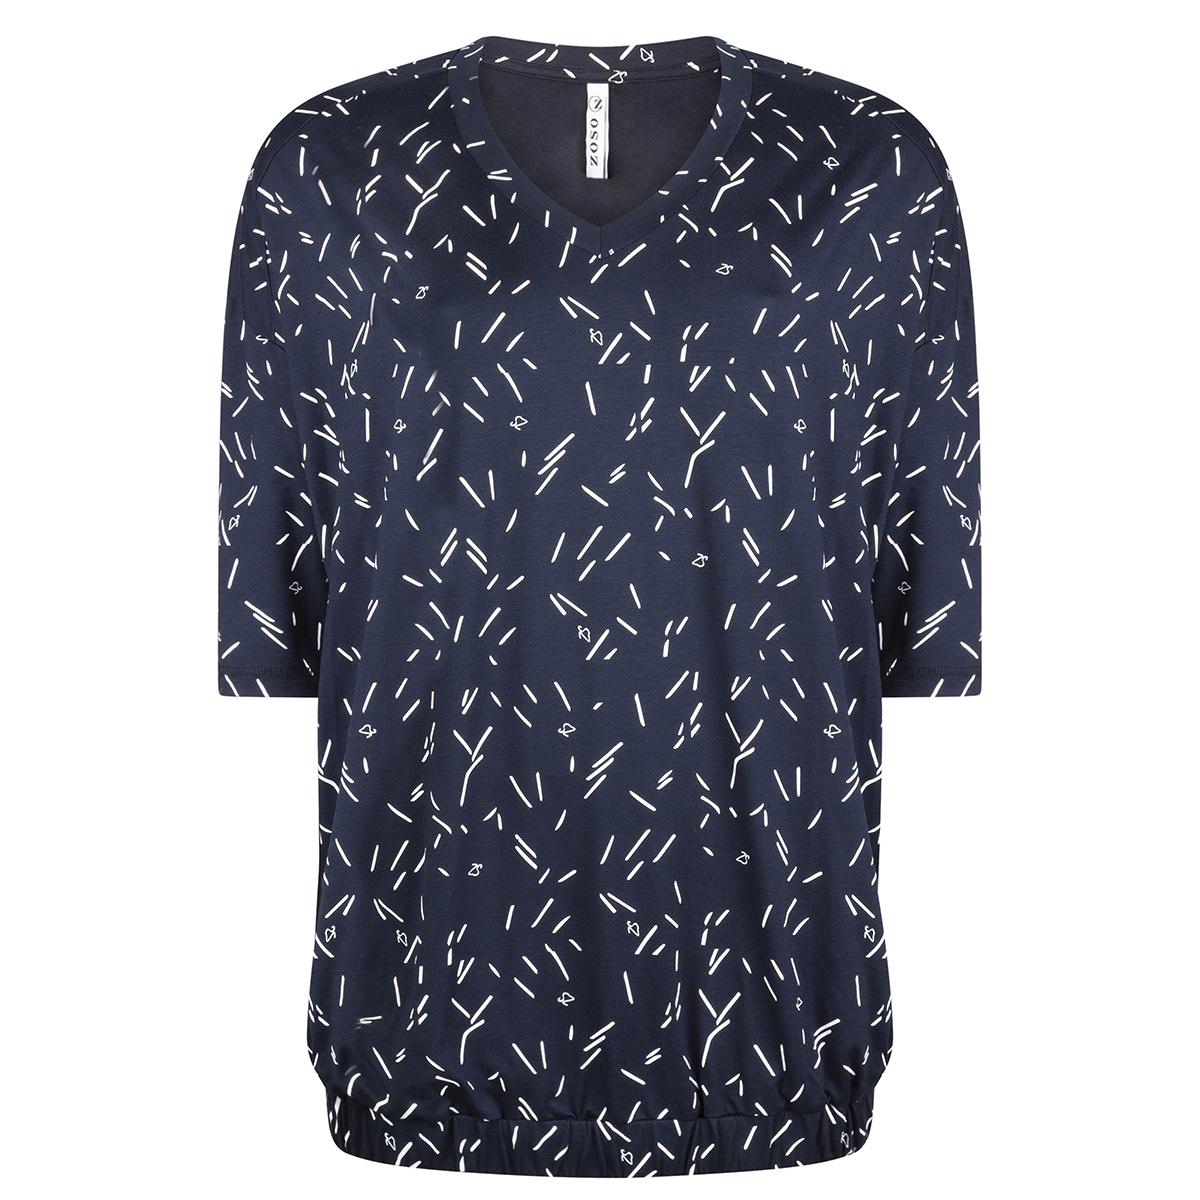 shirt with print ay1909 zoso t-shirt navy